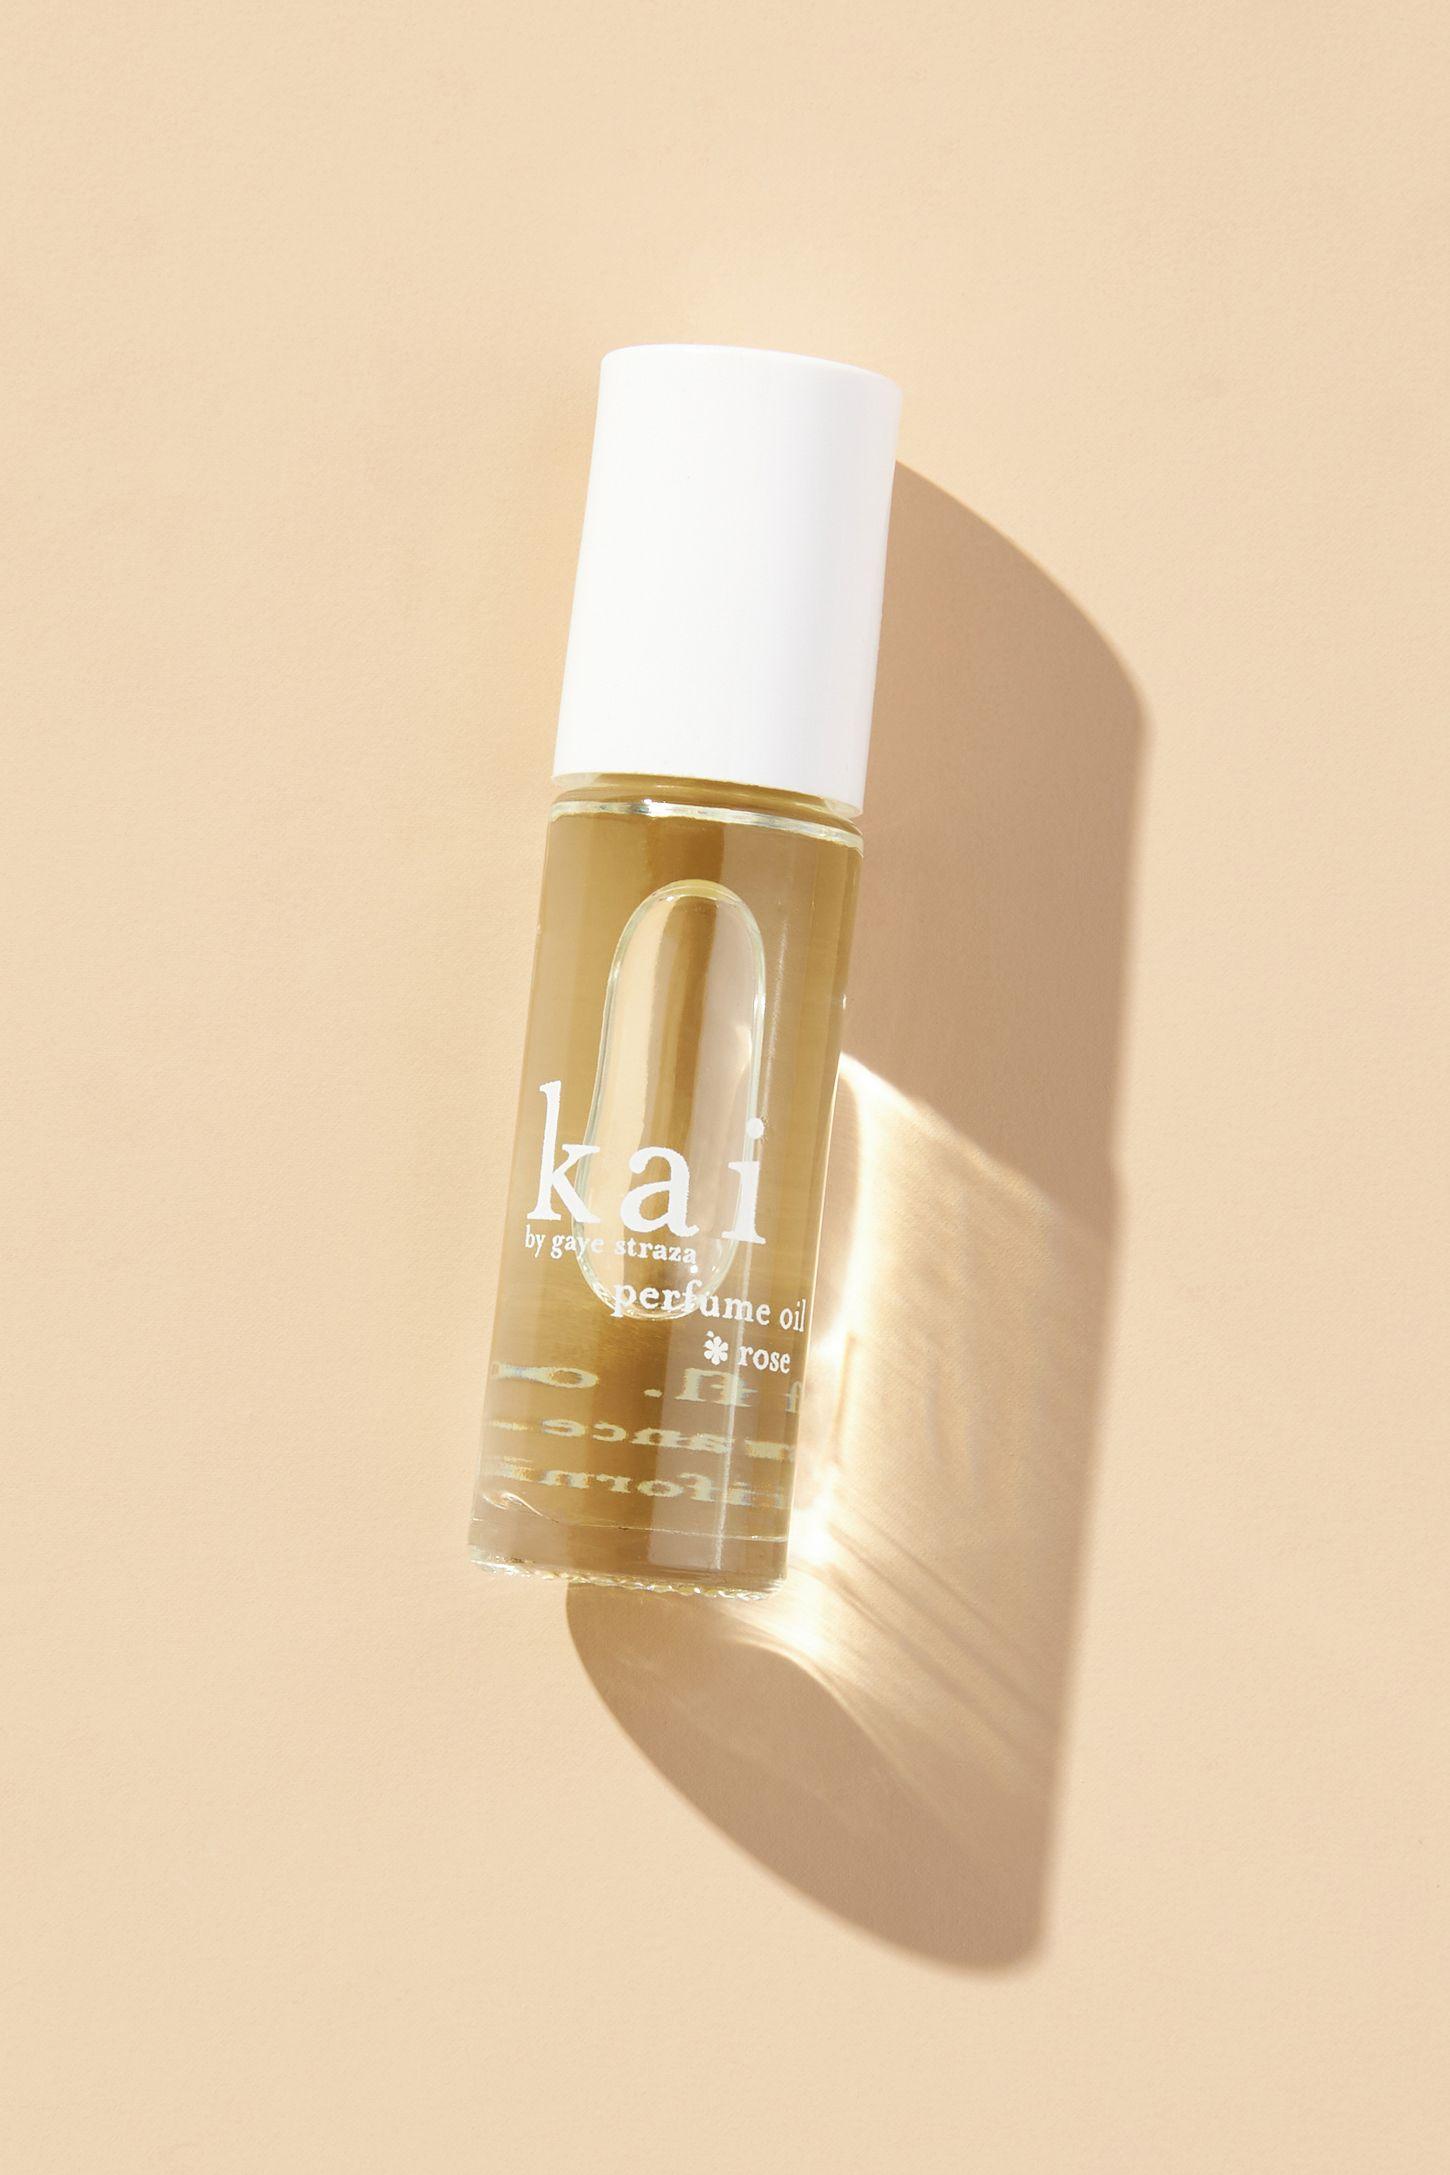 Kết quả hình ảnh cho Rose Perfume Oil KAI